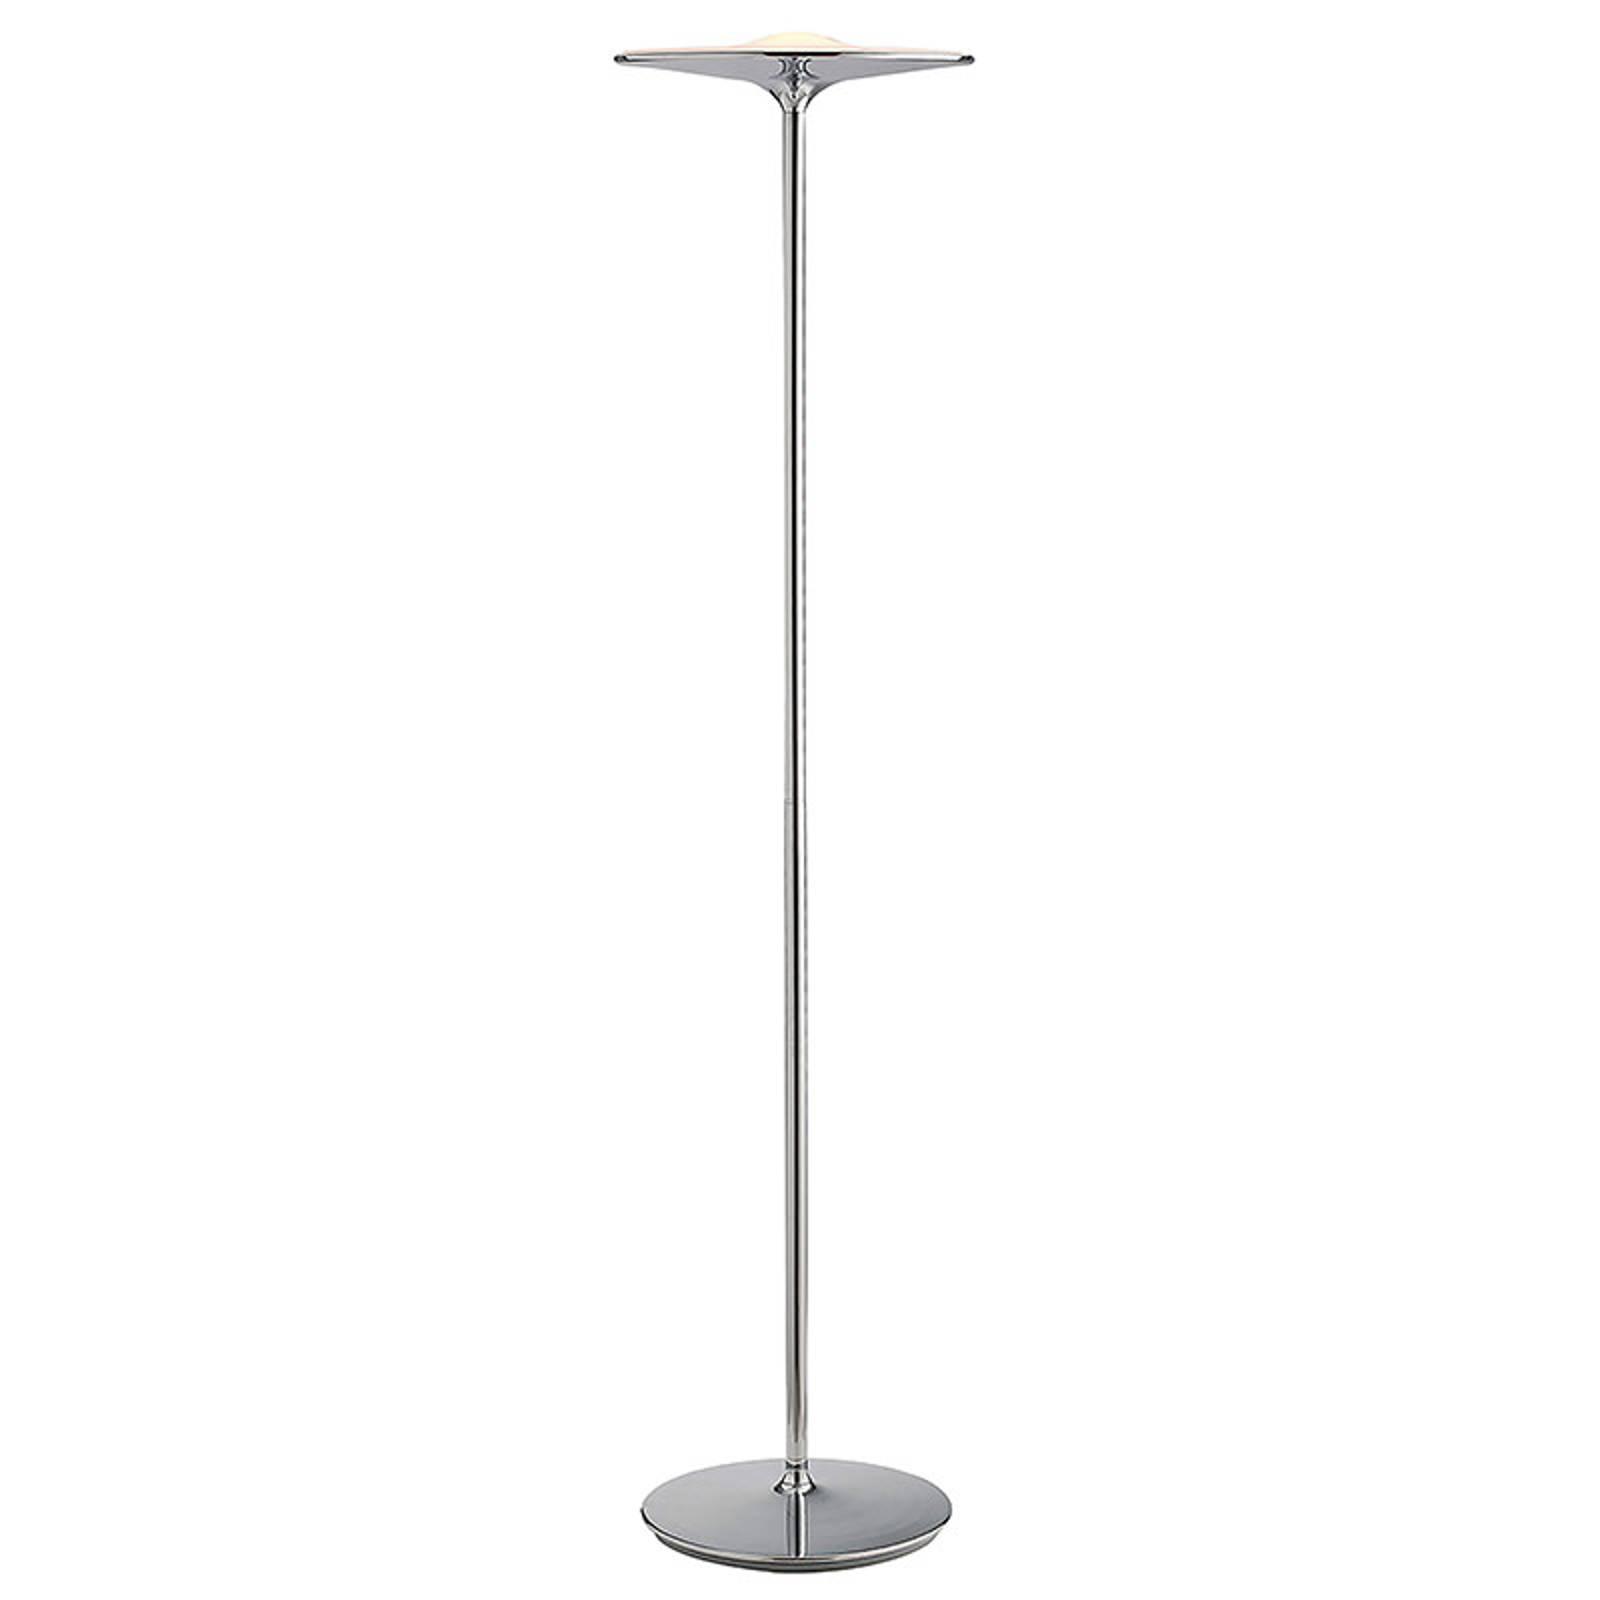 Lampadaire LED Ikon avec finition chromé